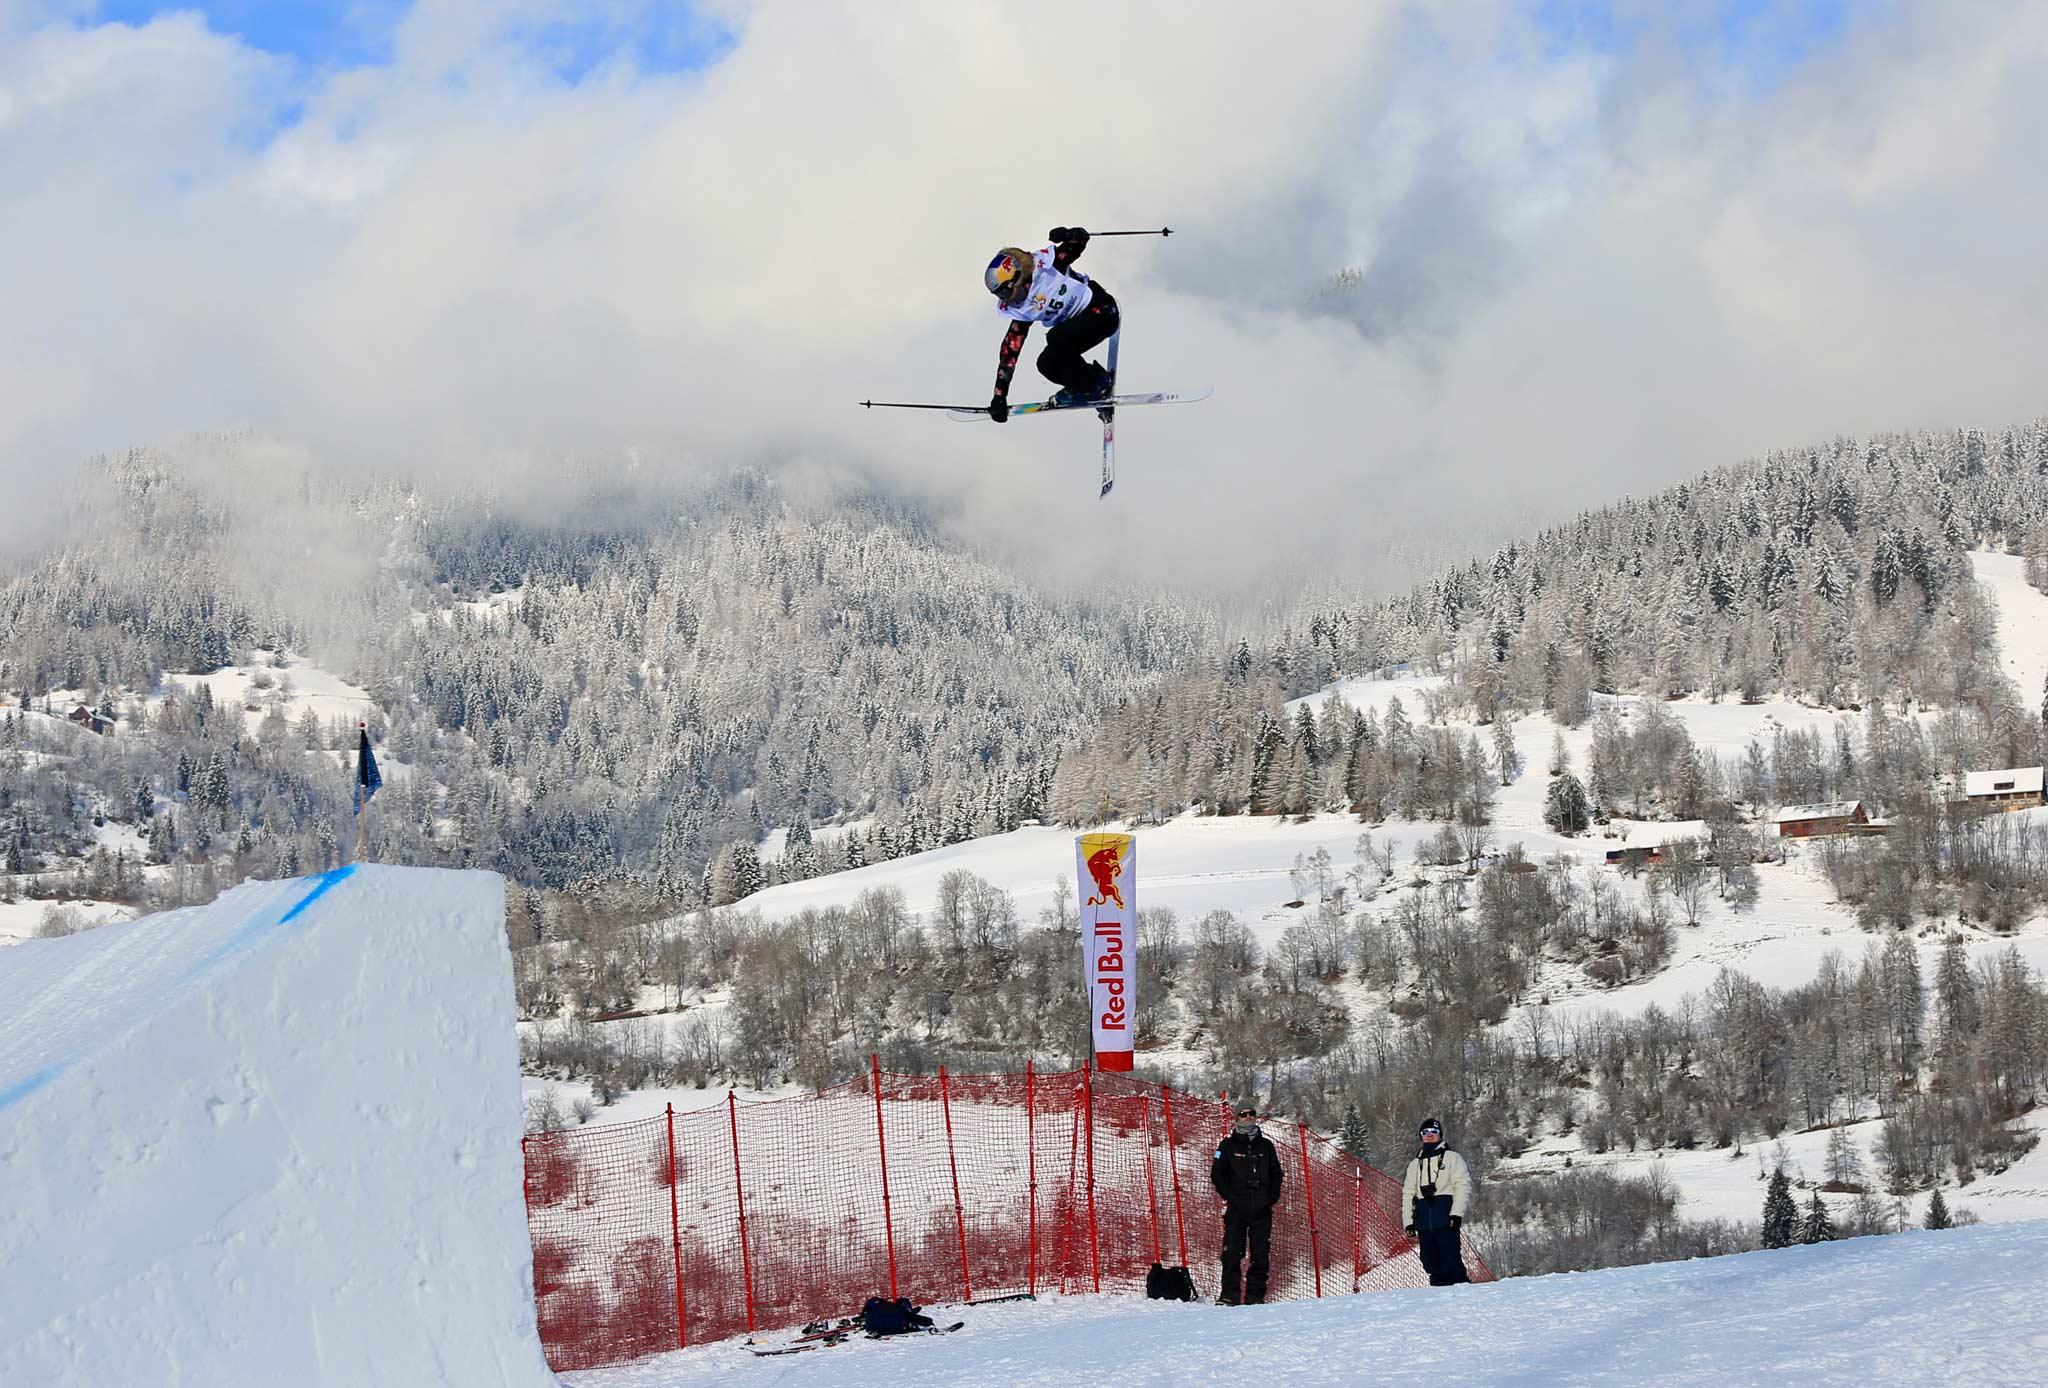 Kelly Sildaru aus Estland schaffte bei ihrem ersten Big Air Weltcup direkt den Sprung in das Finale der besten sechs Frauen. - Foto: FIS Freestyle / Buchholz